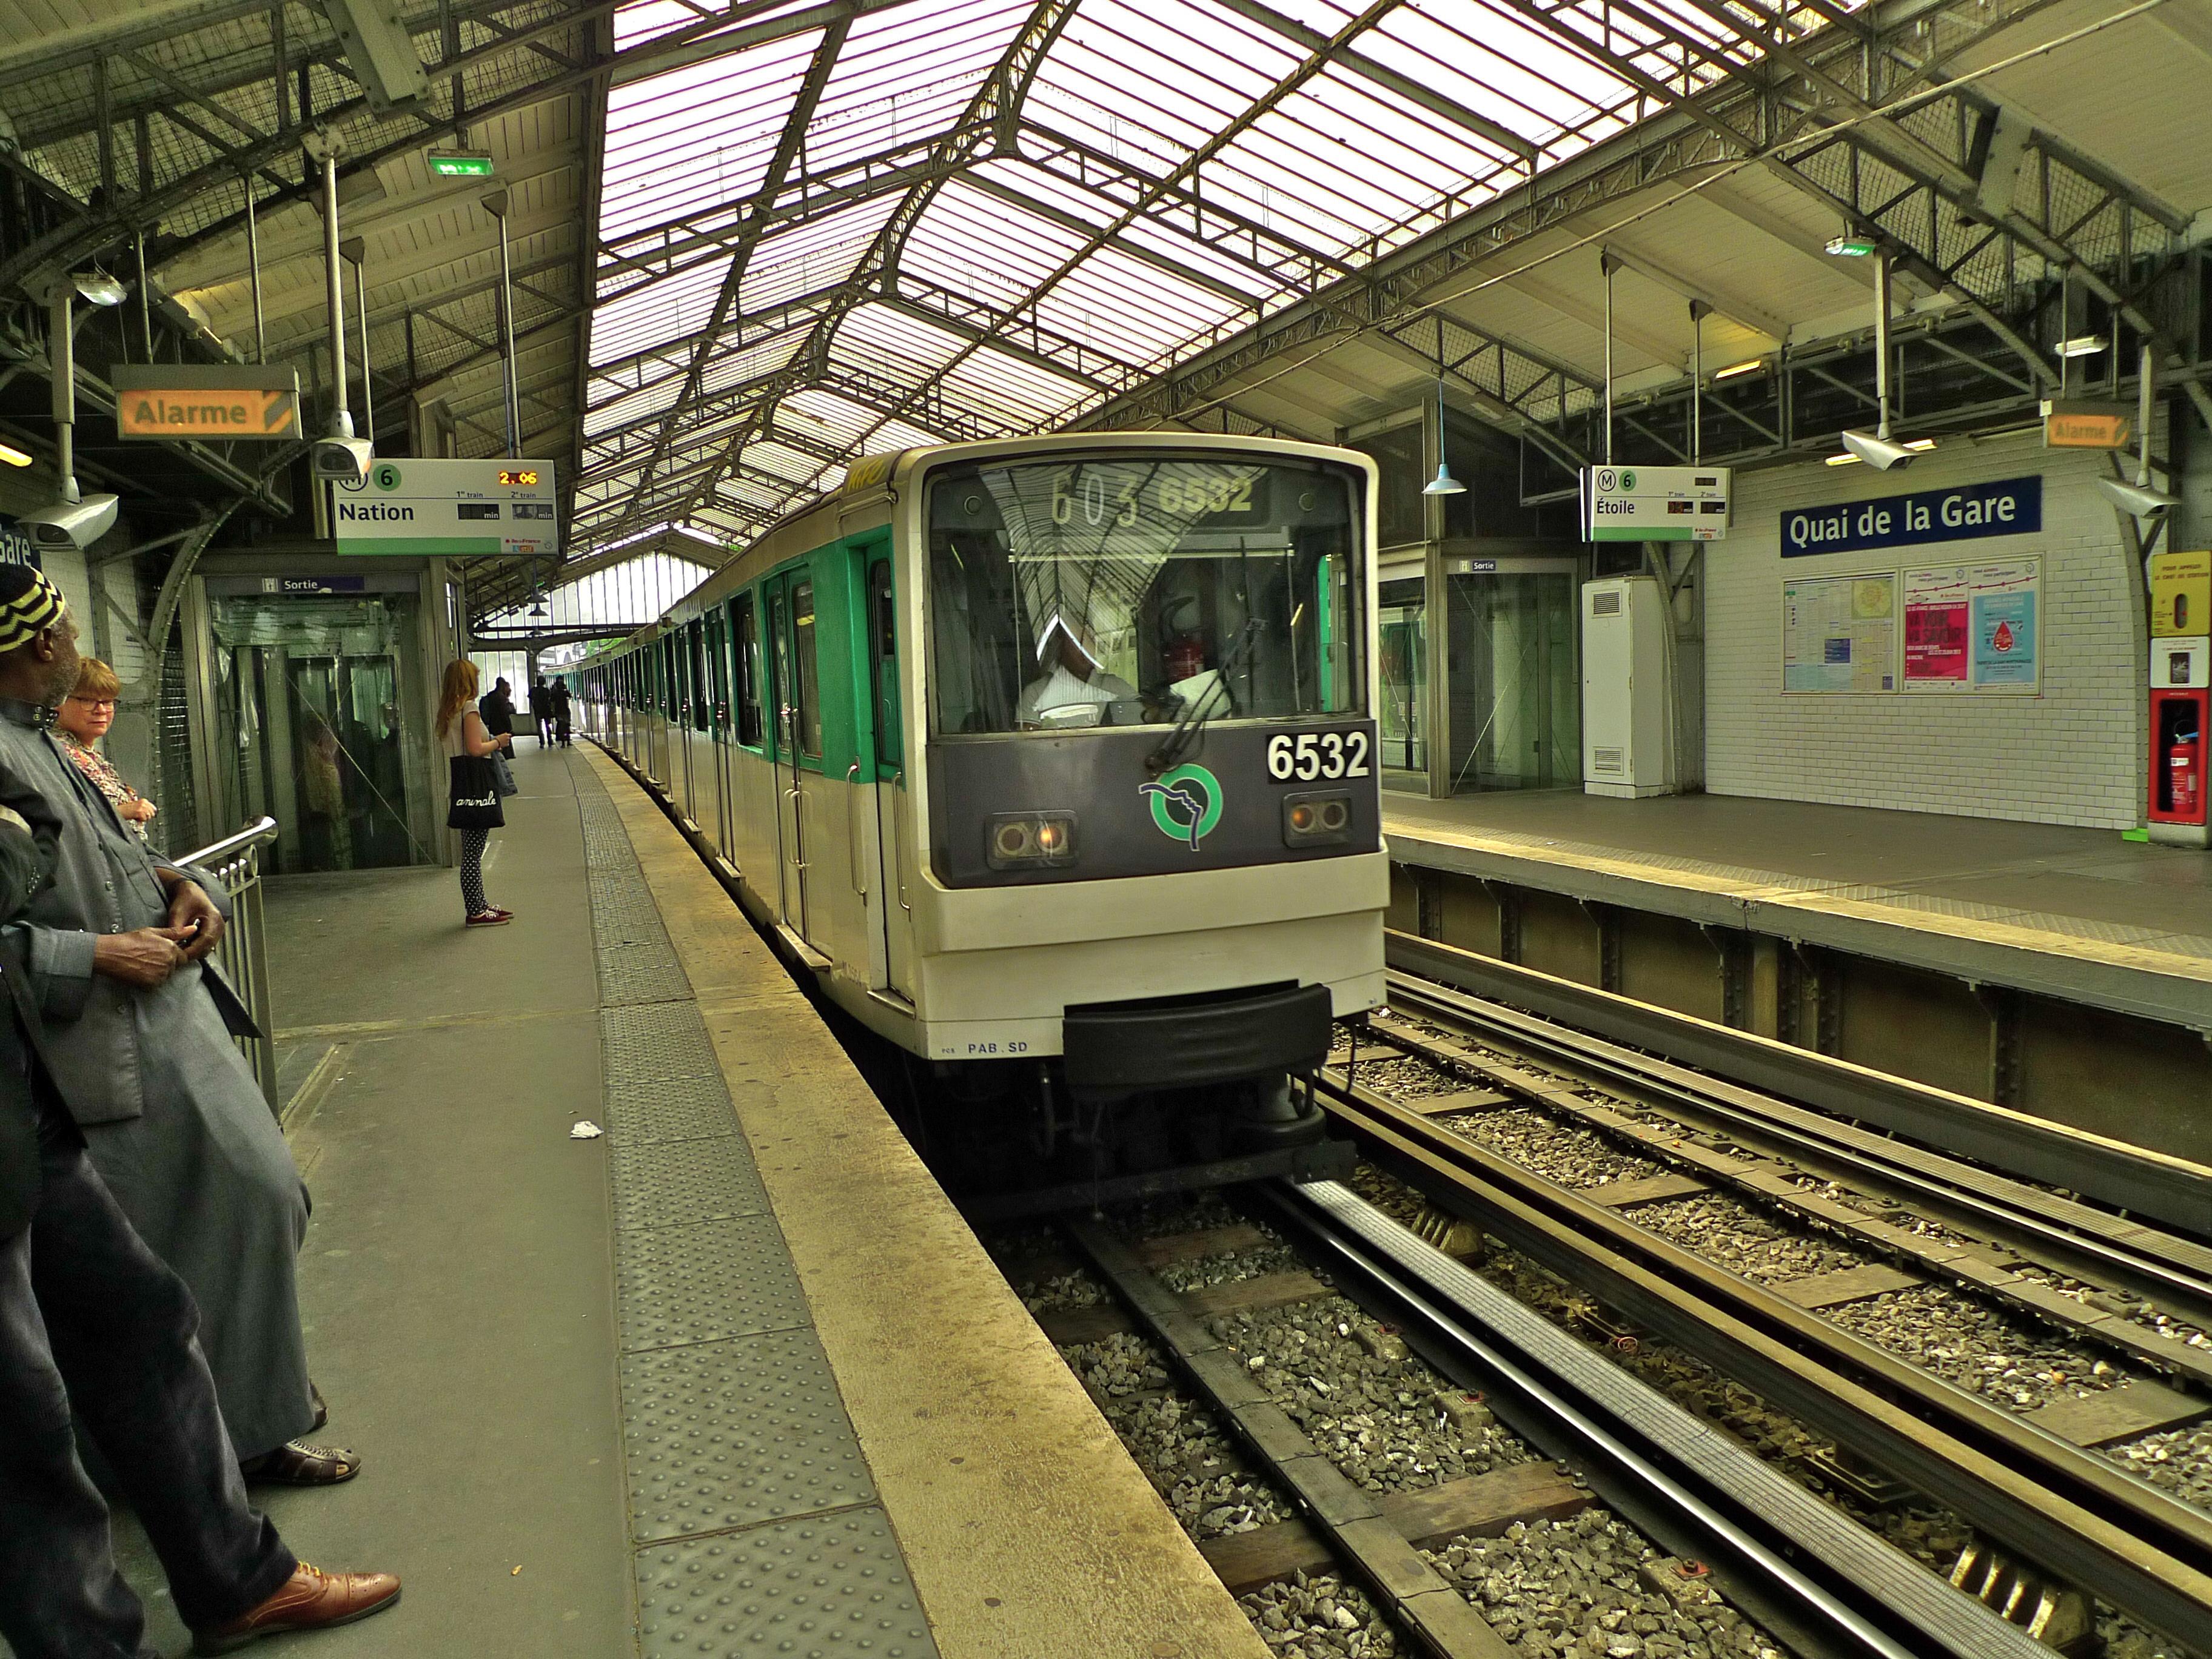 Métro Line 6 | Soundlandscapes\' Blog